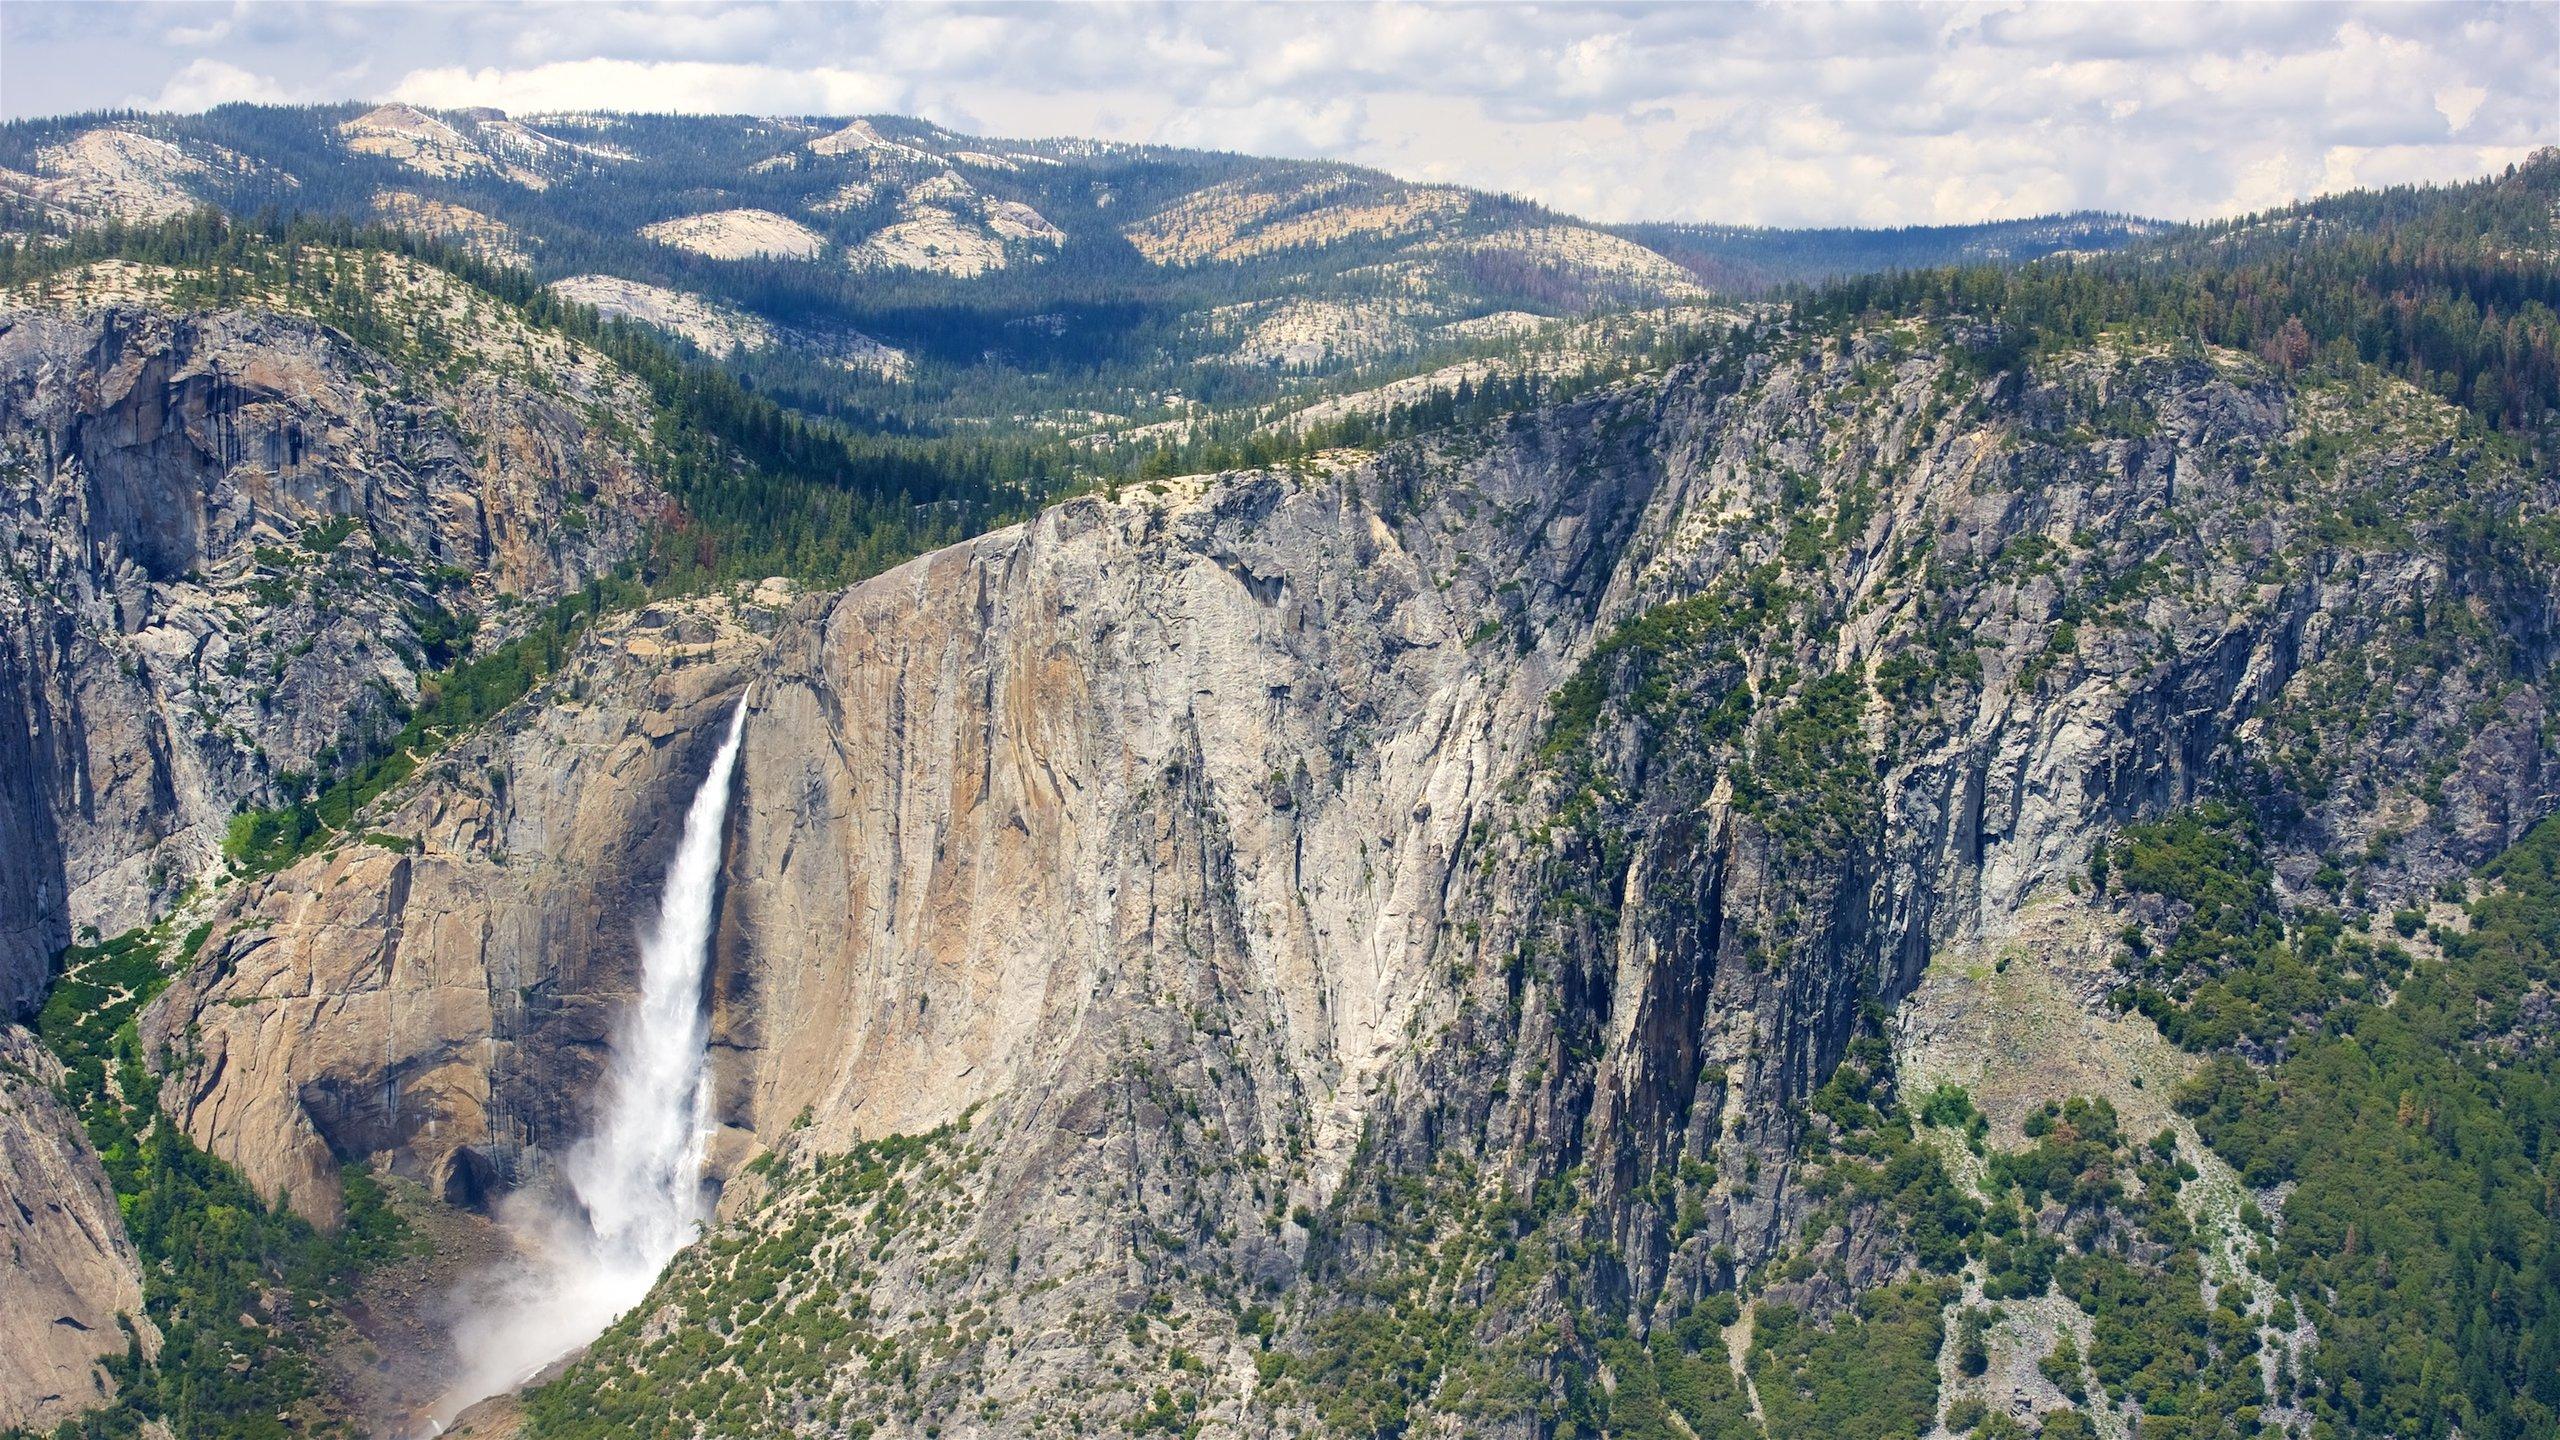 Aprecie uma vista incrível para o Vale de Yosemite desse ponto de observação e veja os cânions altos, as quedas repentinas e as colinas de granito no horizonte do vale escarpado.